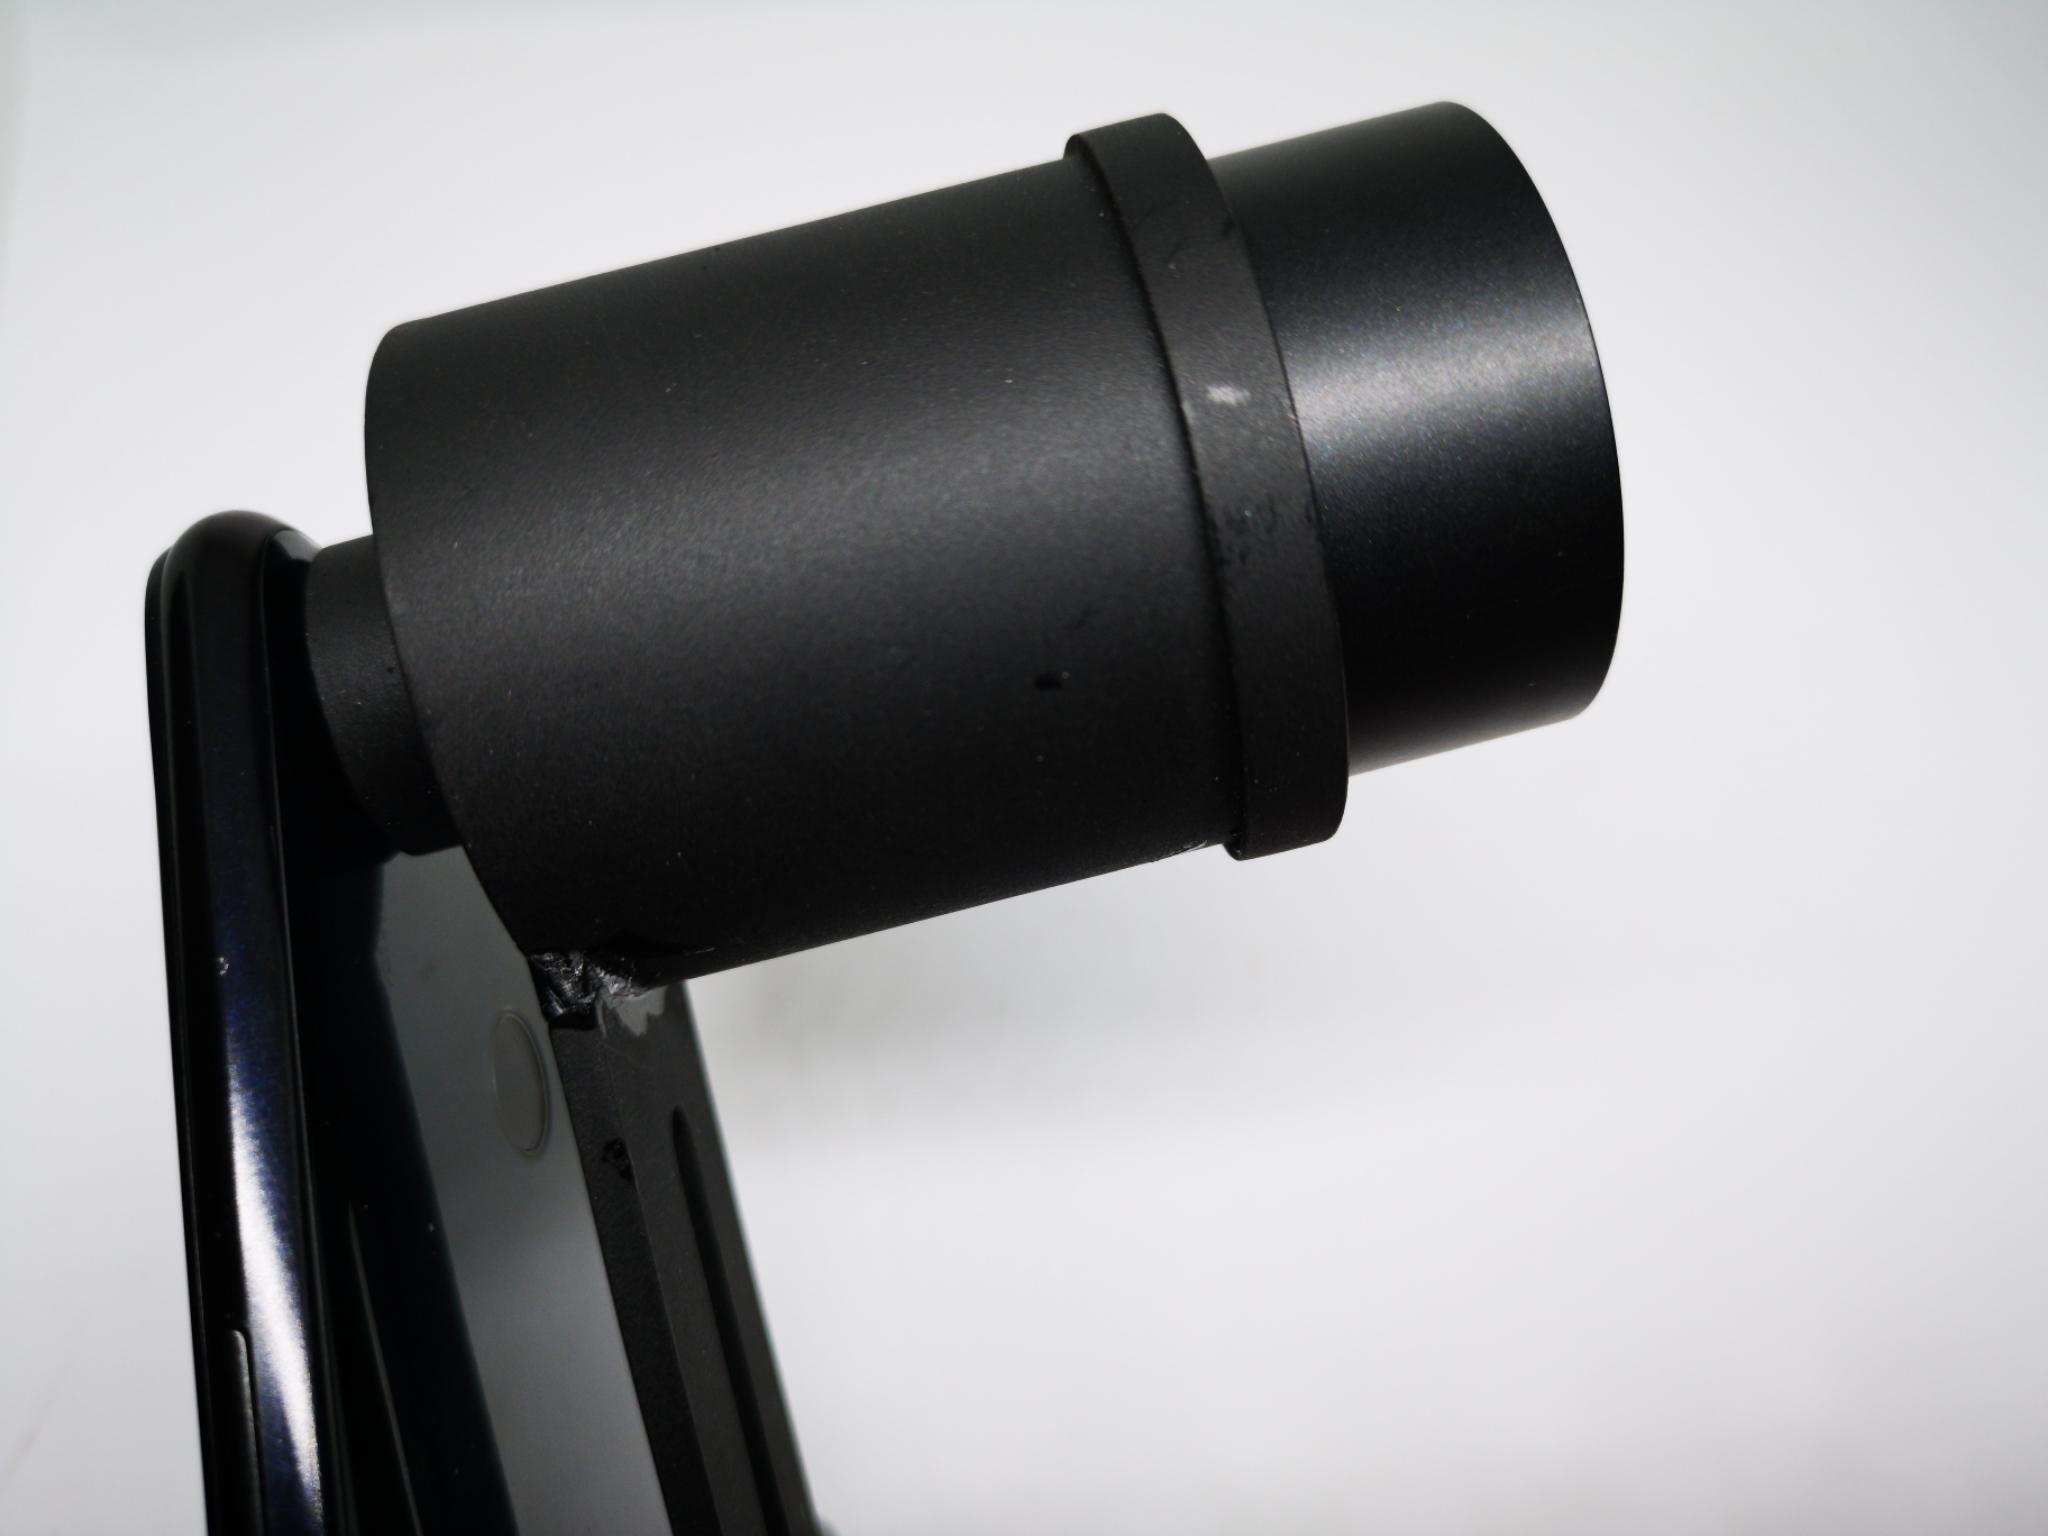 4fe3c80058adc6 Prosumer Zoom Telephoto telescopic Phone Lens [Mark-2] DSLR Lensbong